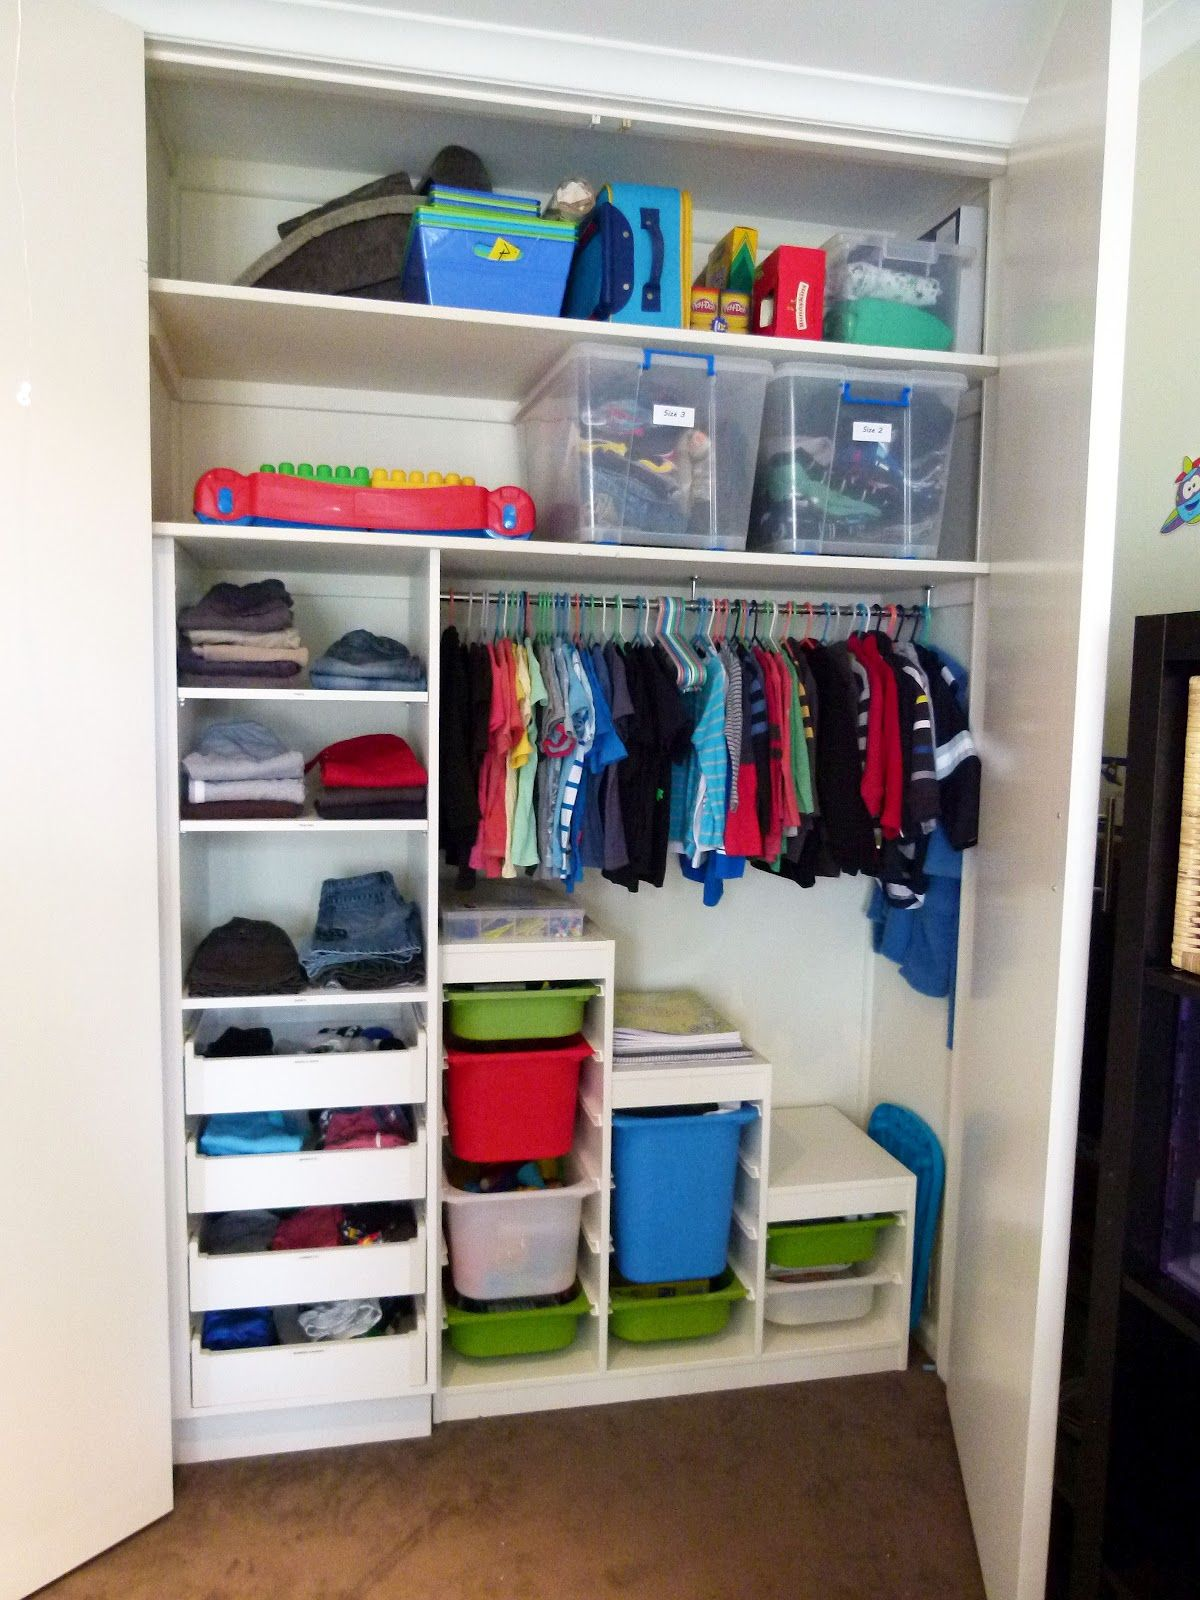 Organised Bedroom Organising To Make Life Easier Organising The Kids Cupboard Part